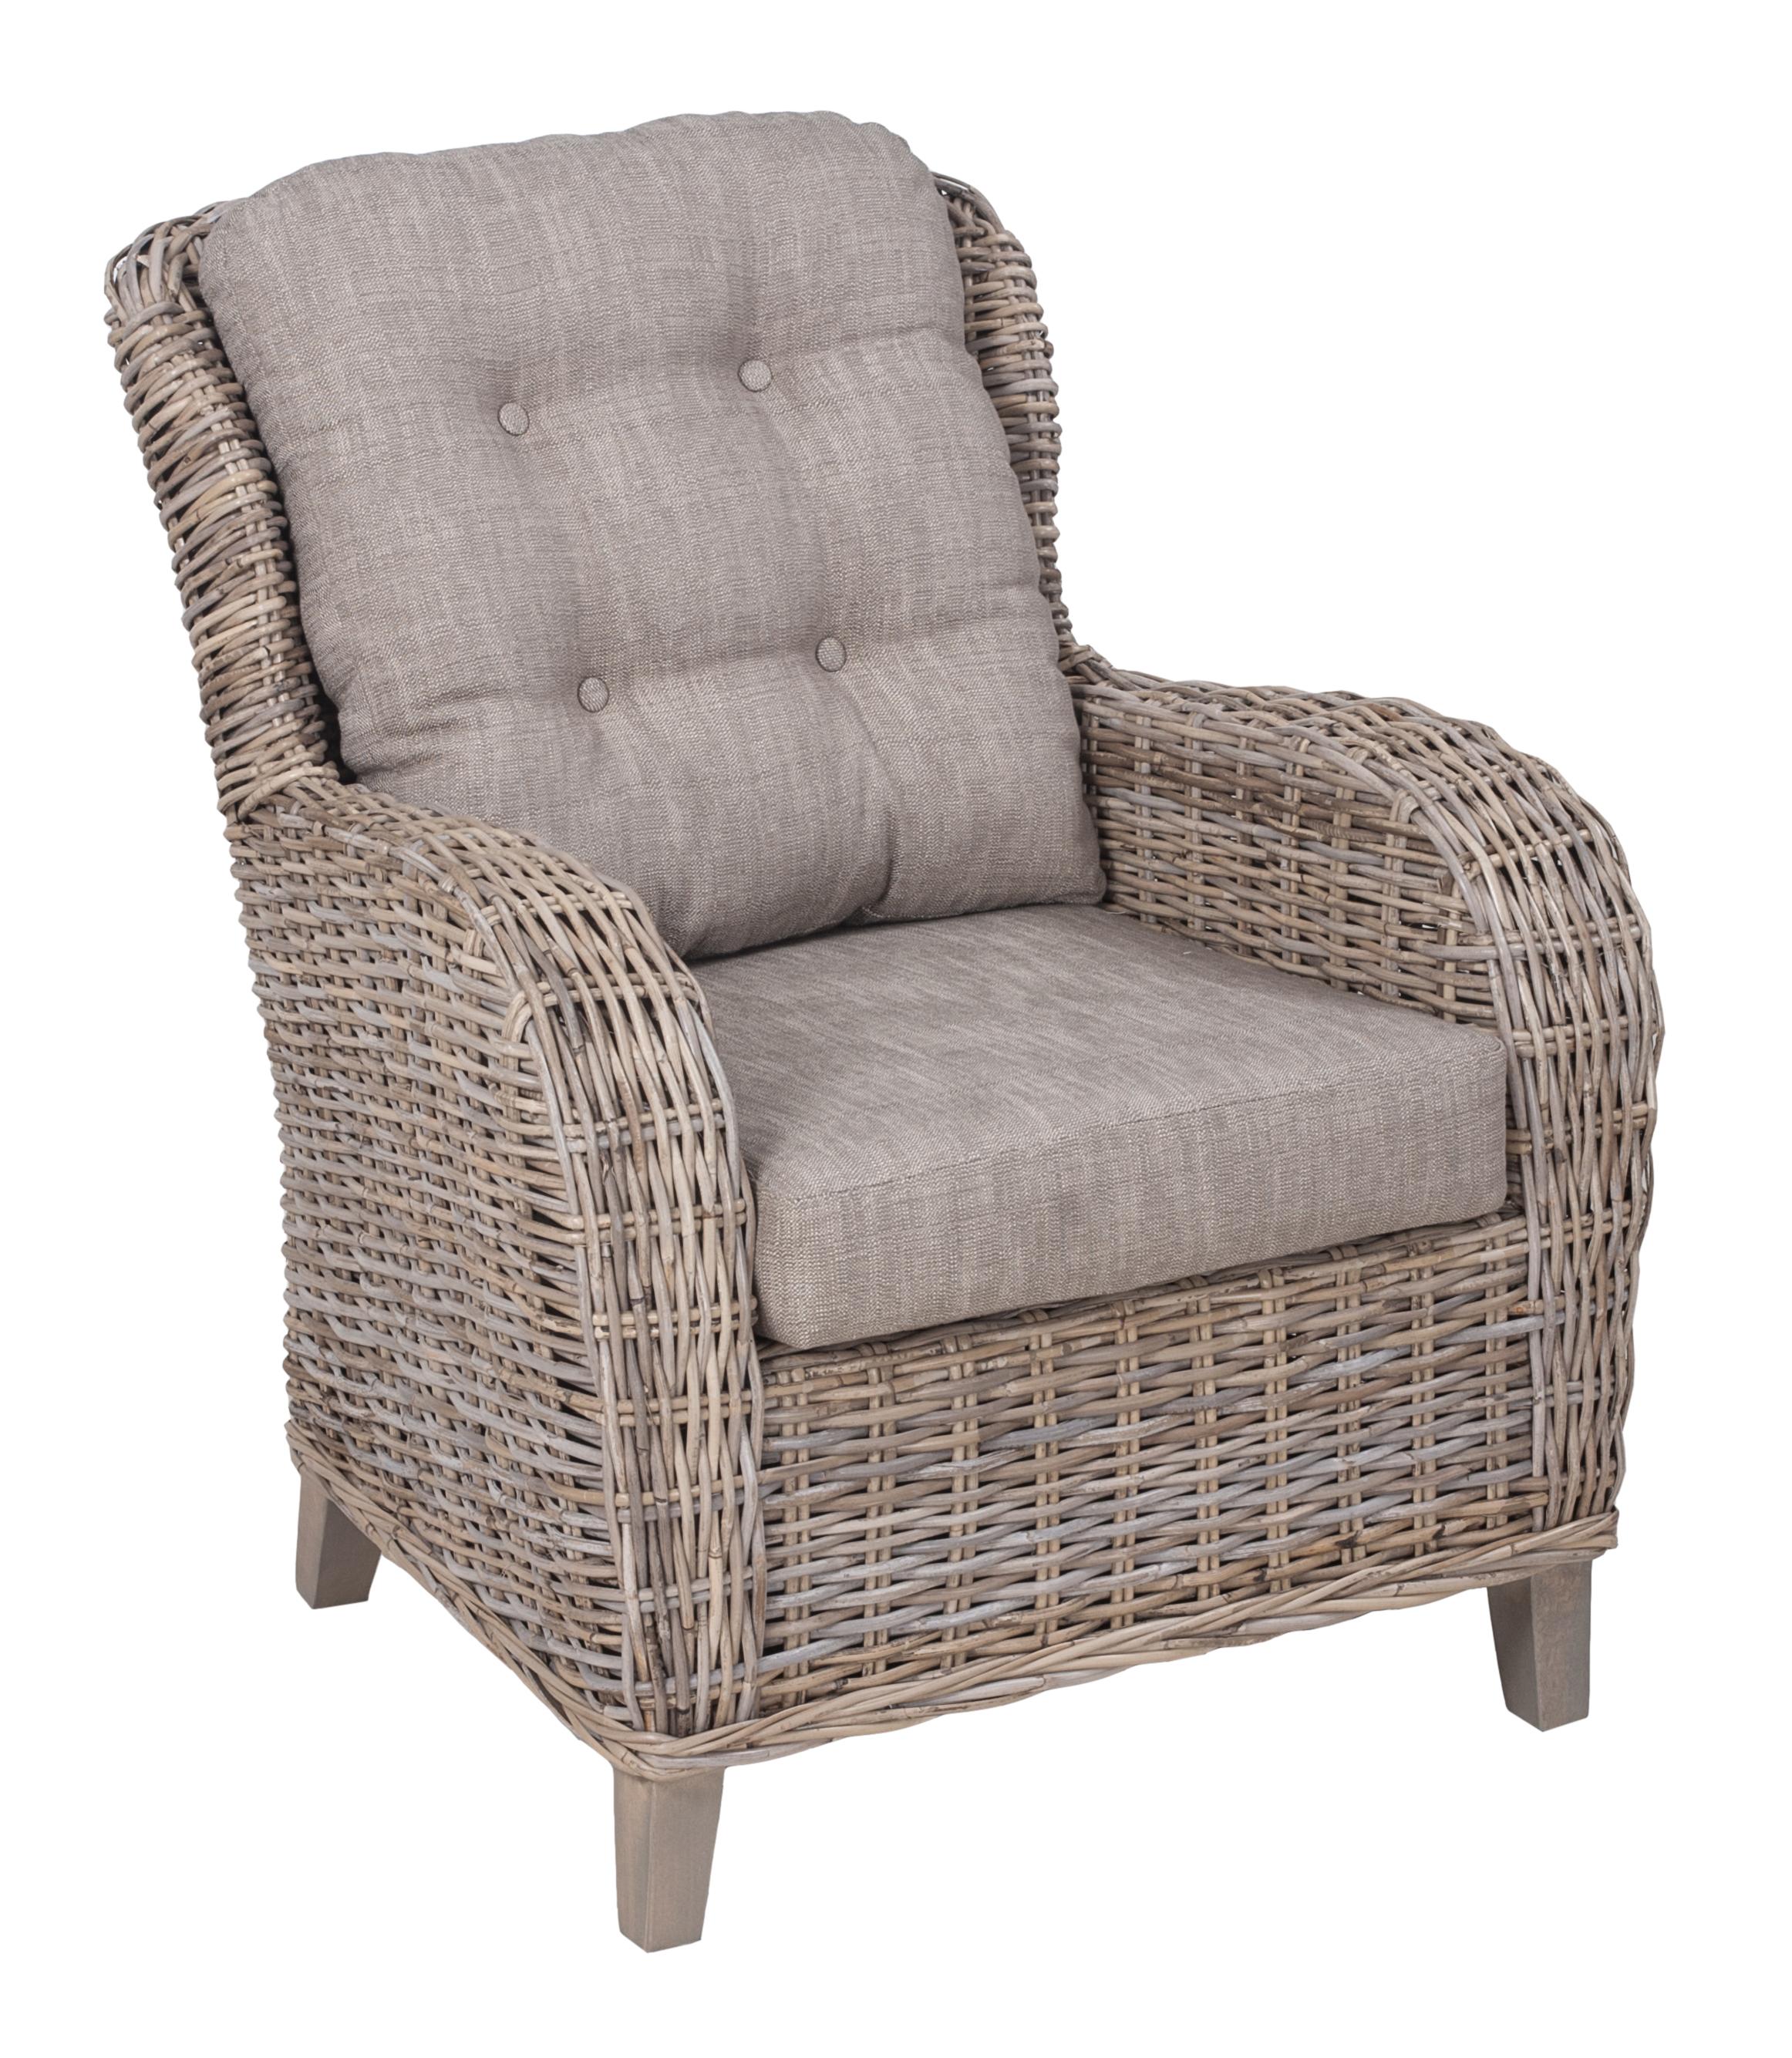 rotan stoel en rieten stoelen voordelig, veel eigen import   Lloyd loom stoelen en rotan rieten